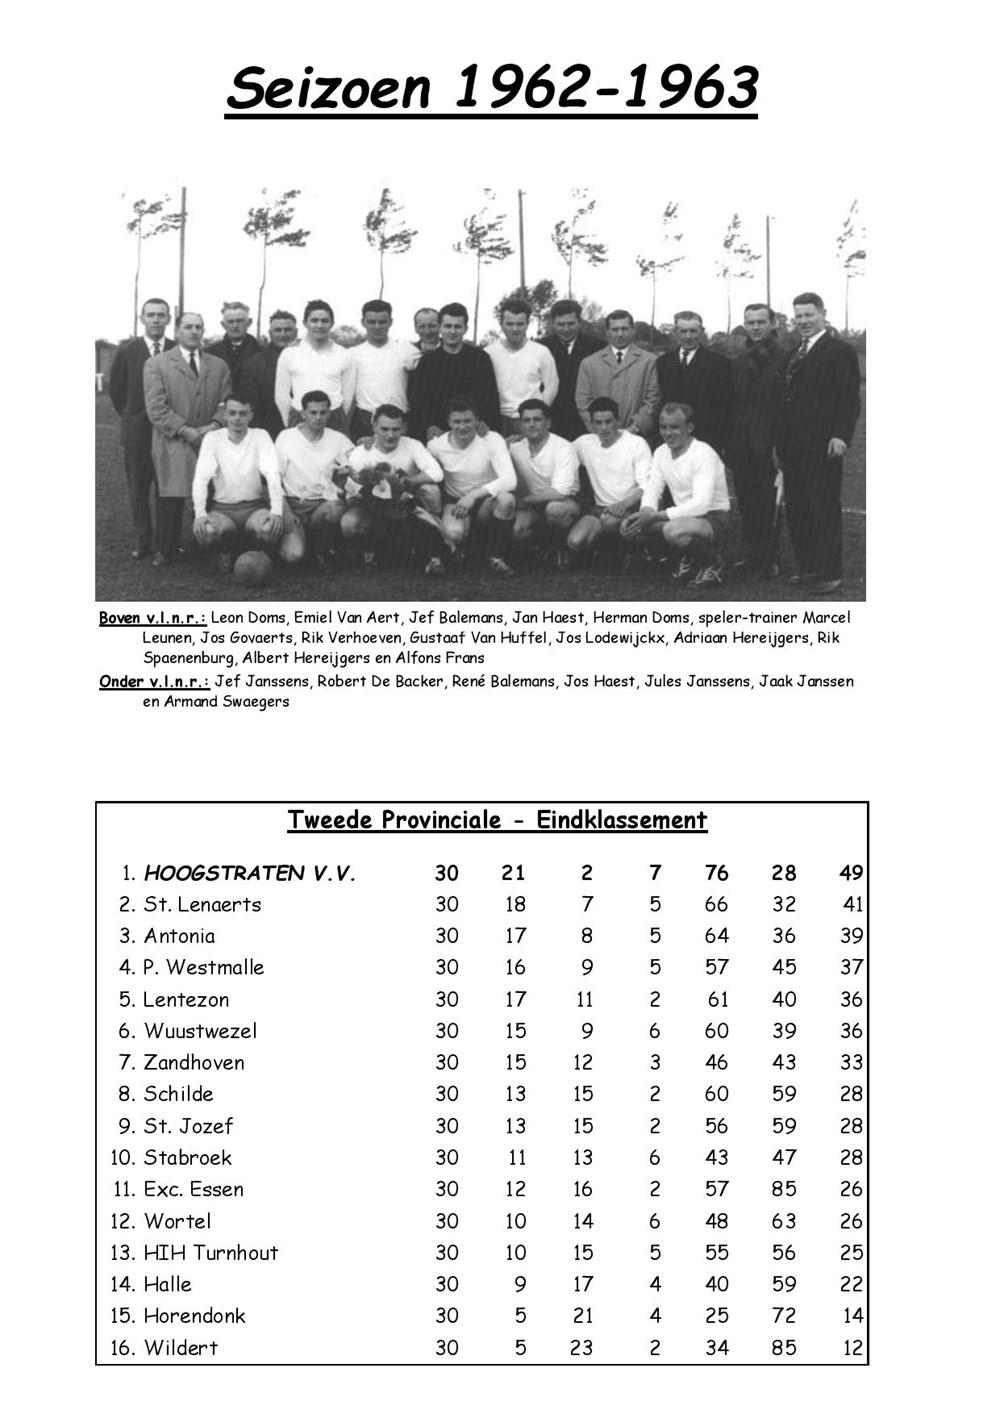 seizoen_1962-1963-page-001.jpg